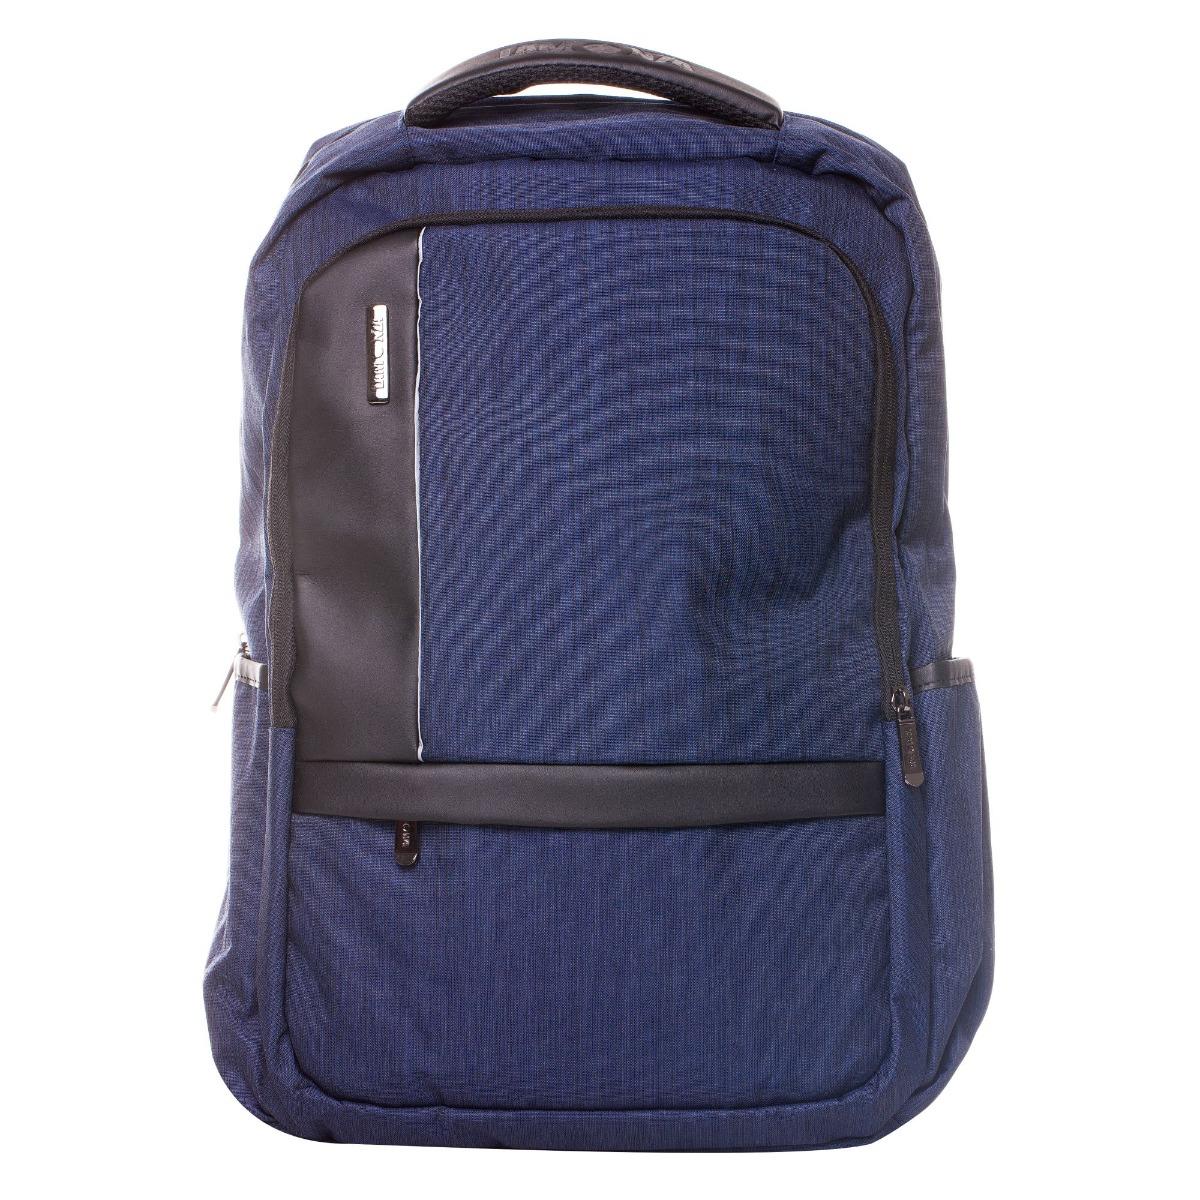 Rucsac pentru laptop Lamonza Pulse, Albastru, 46 cm imagine